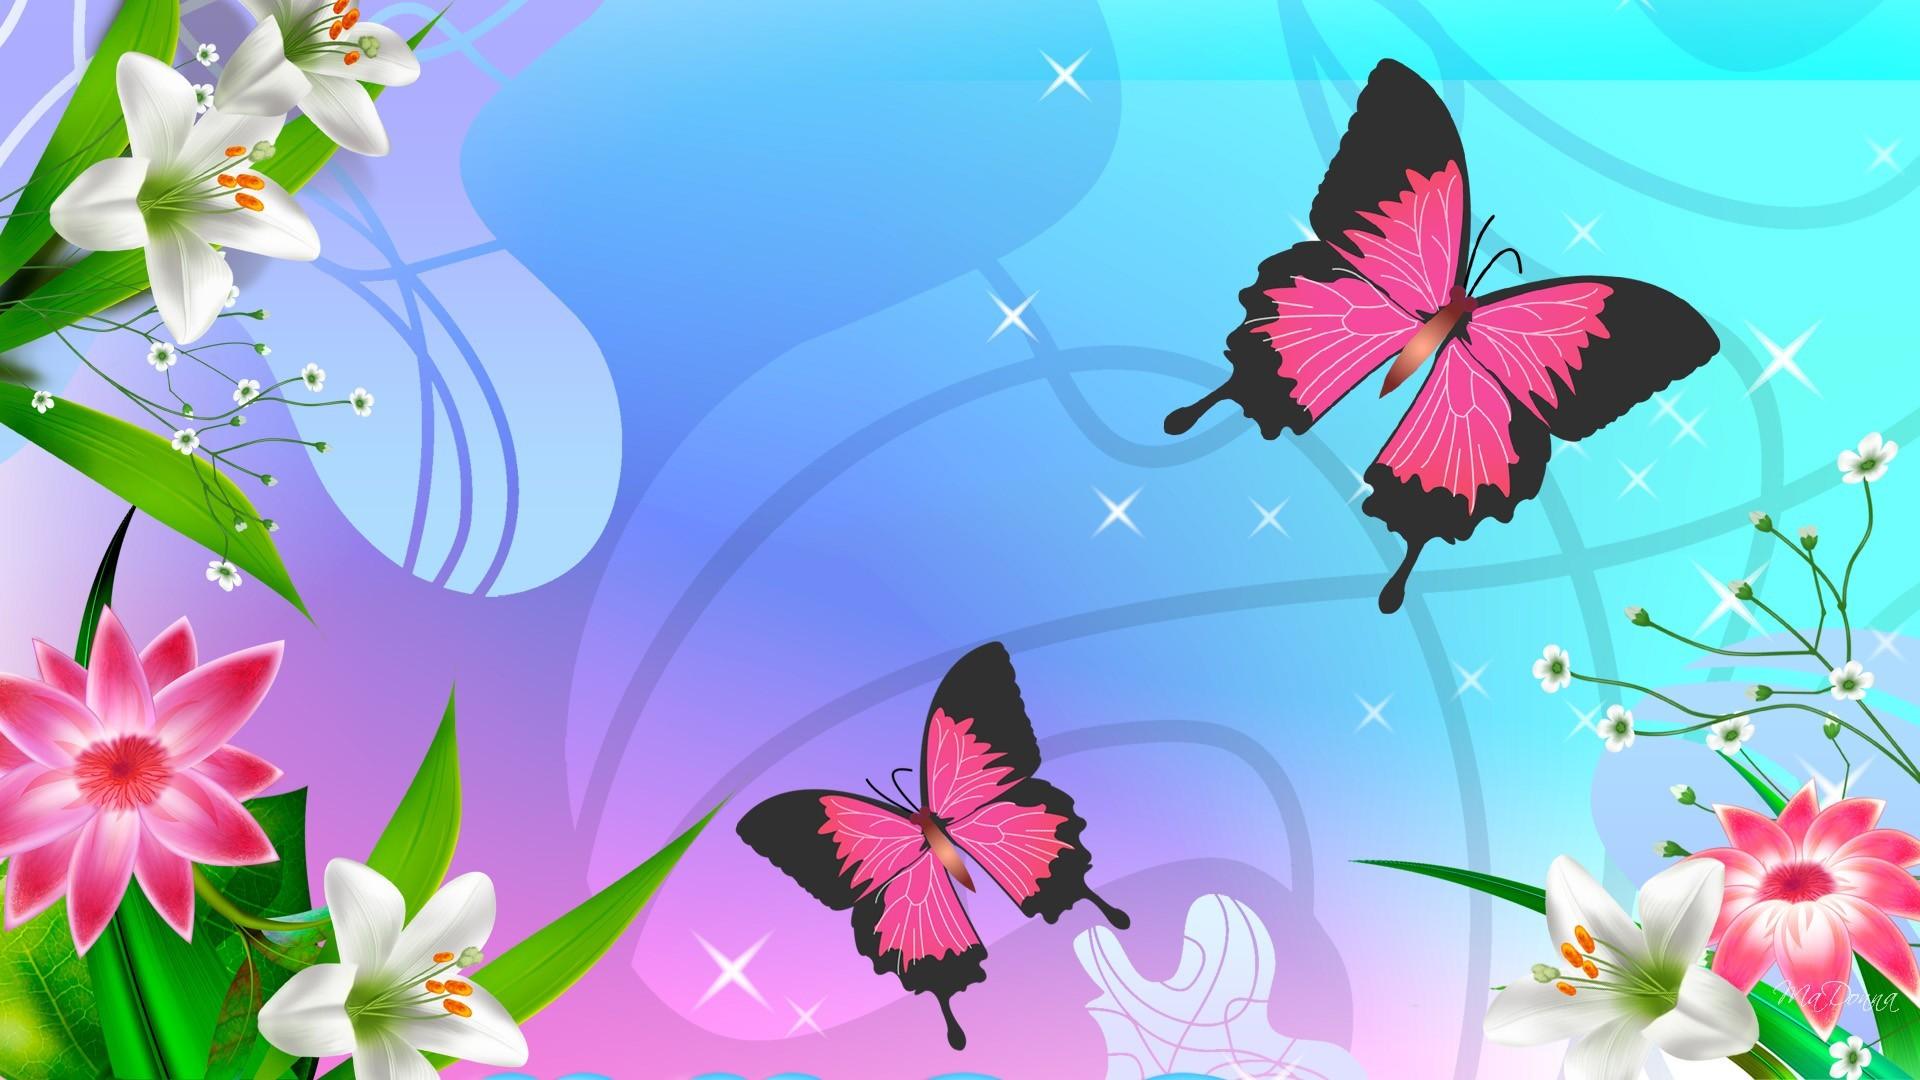 50+ Cute 3D Butterfly Desktop Wallpapers on WallpaperSafari